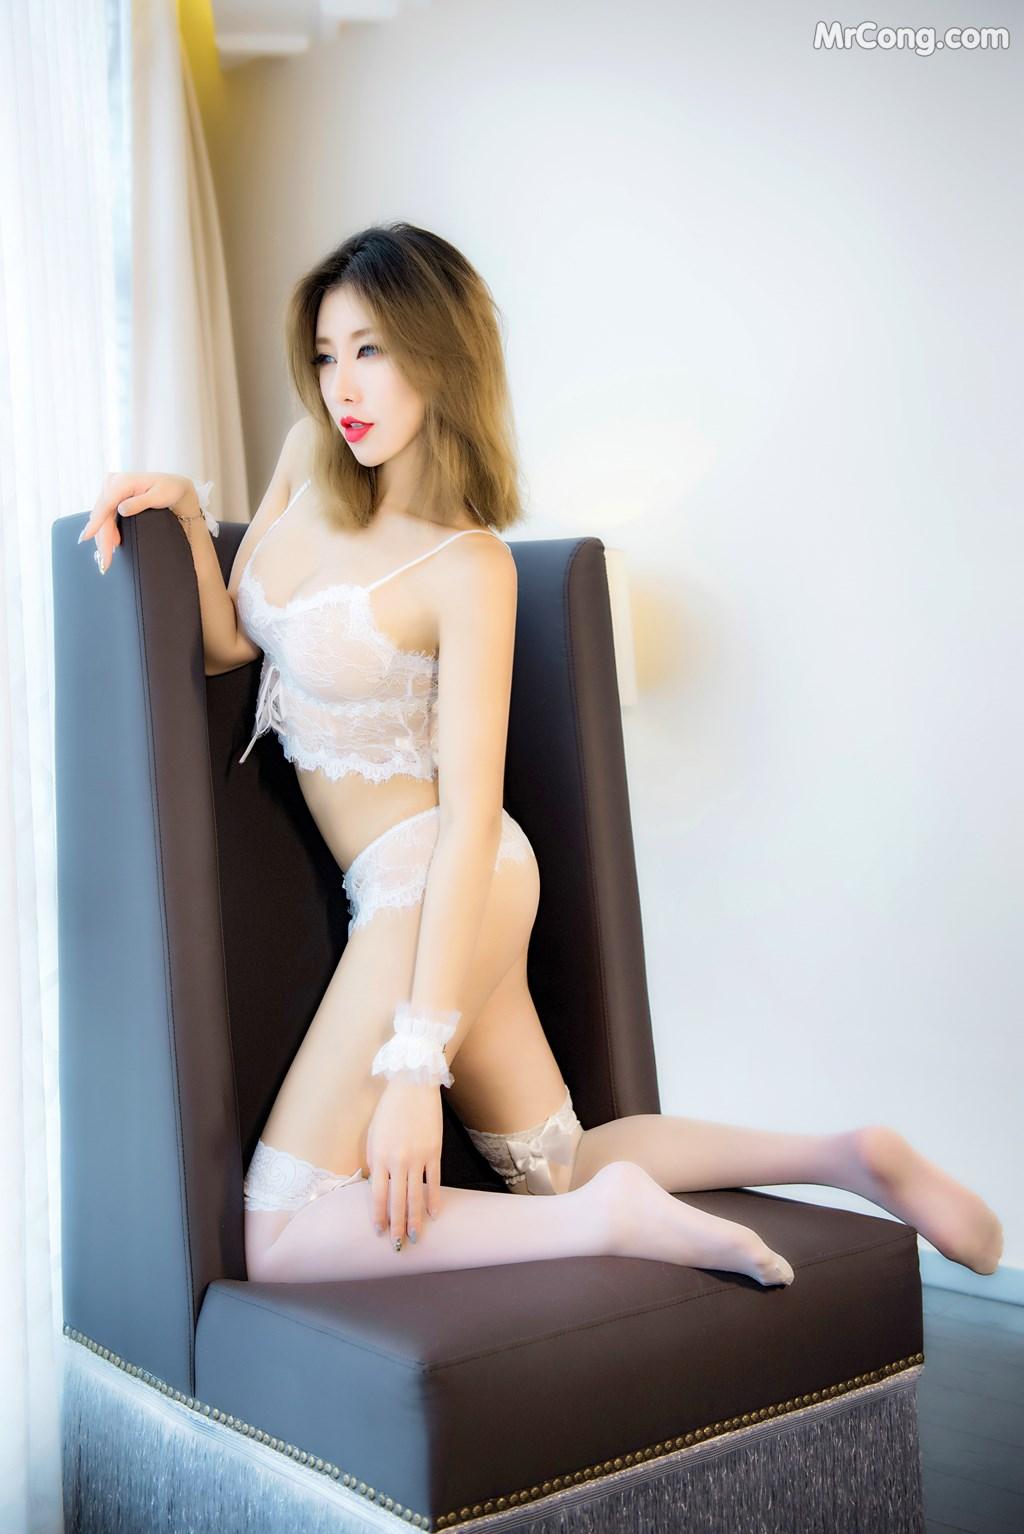 Image SLADY-2017-05-25-No.003-Zhao-Huan-Yan-MrCong.com-005 in post SLADY 2017-05-25 No.003: Người mẫu Zhao Huan Yan (赵欢颜) (46 ảnh)